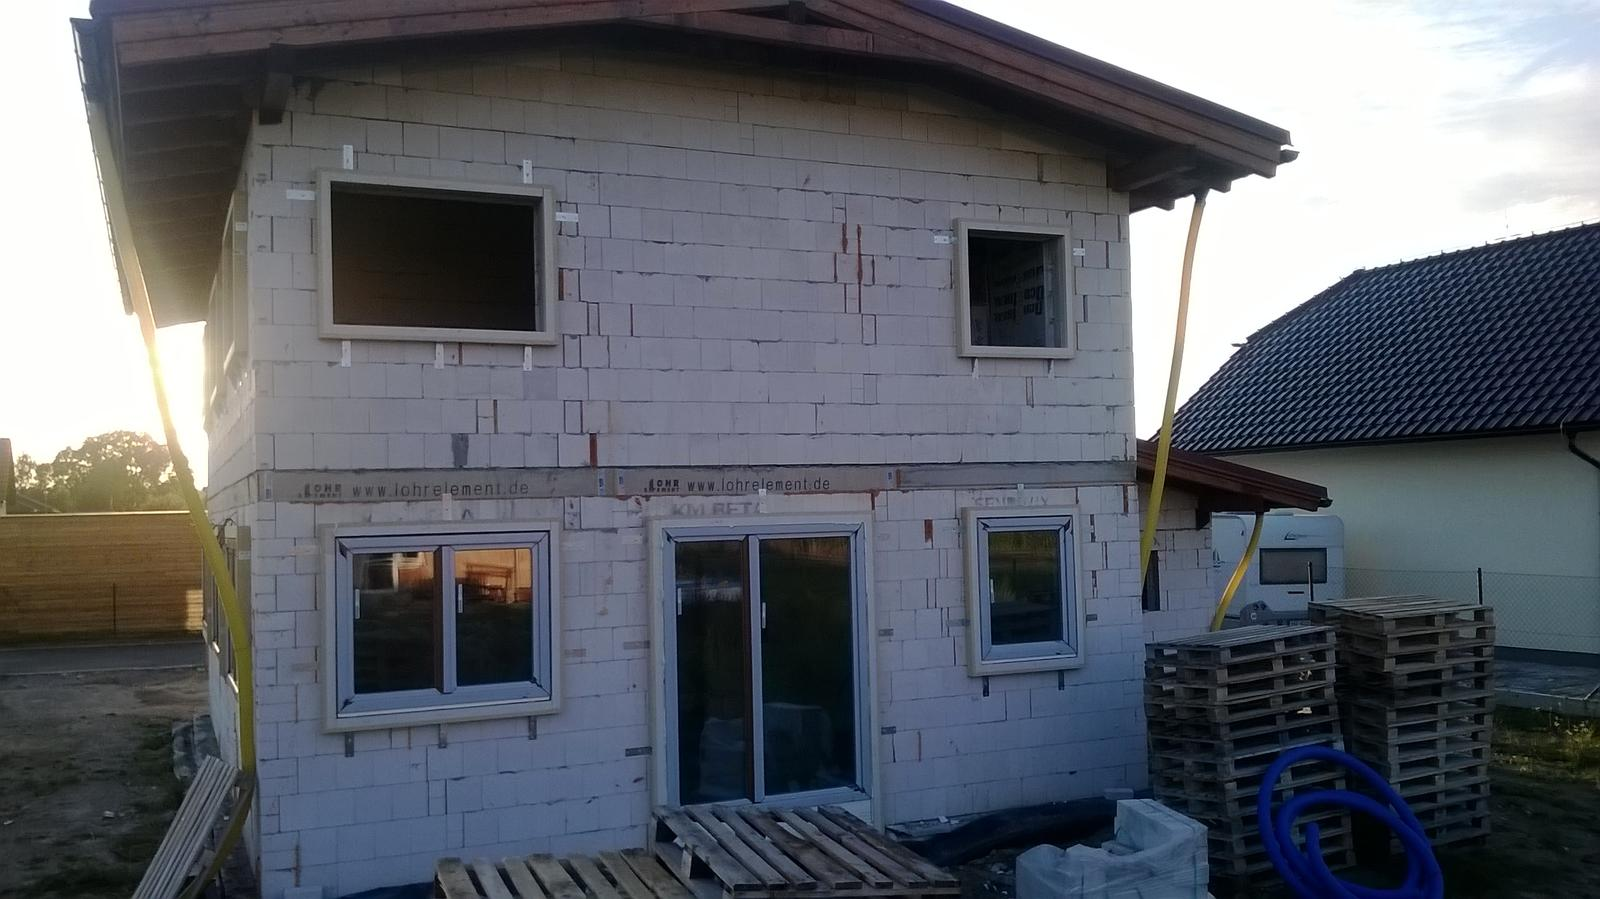 Stavba pasivního domu - Usazování předsazených oken.Tímto systémem se eliminují tepelné mosty na minimum